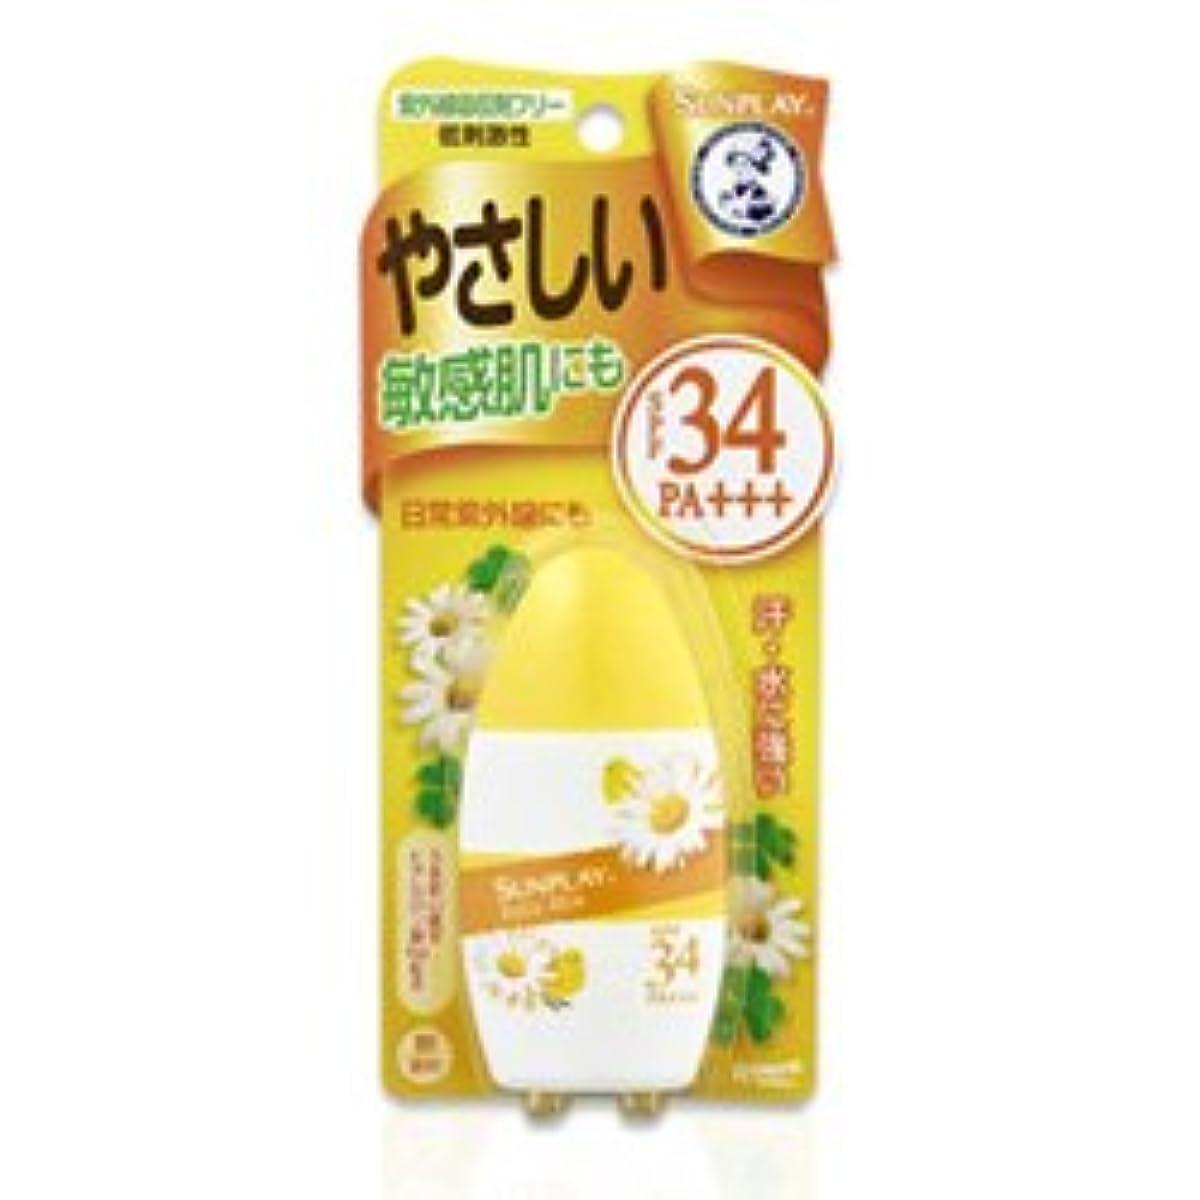 ミシン猛烈な対話【ロート製薬】メンソレータム サンプレイ ベビーミルク 30g ×10個セット